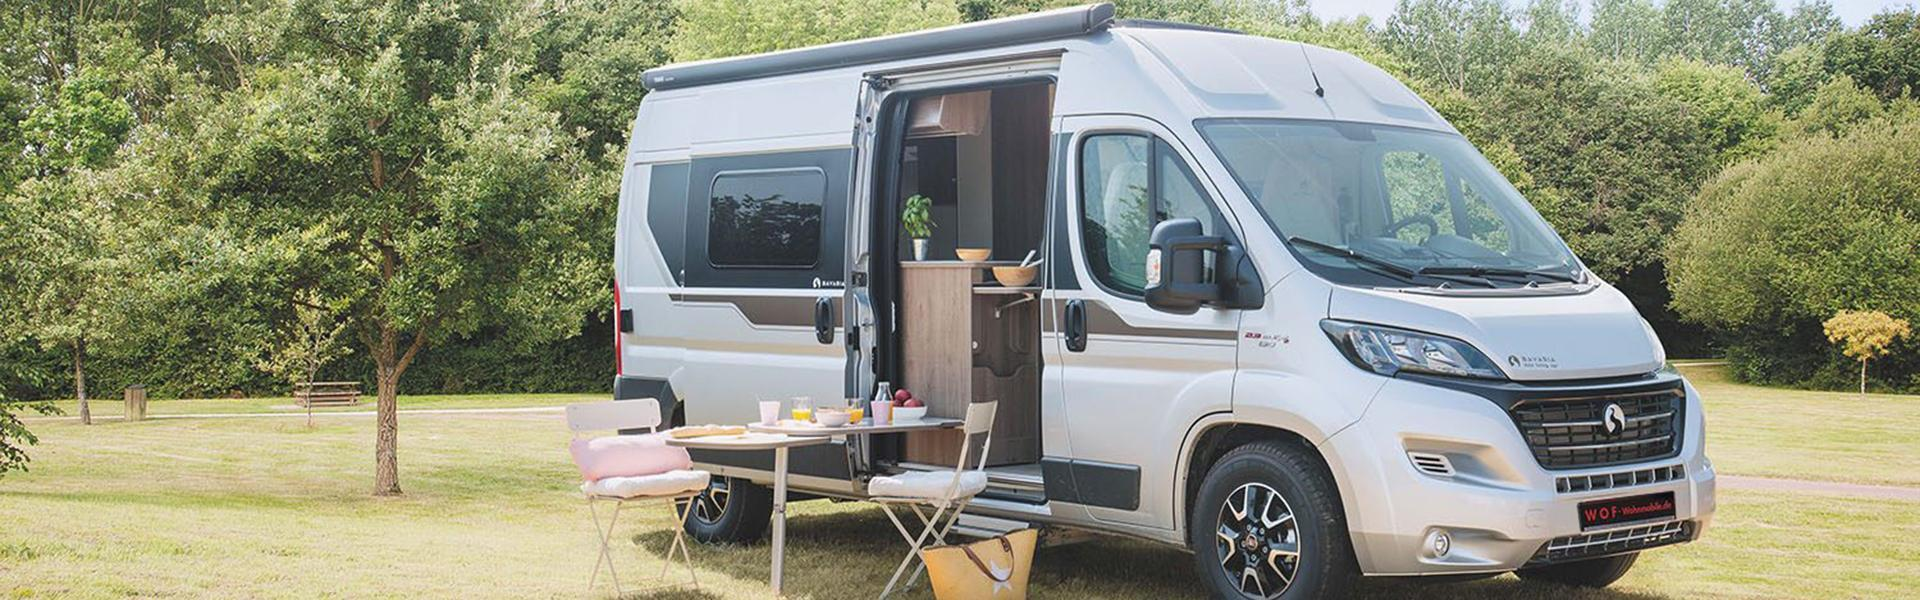 Wohnmobil mieten, kaufen & Zubehör - CSL Reisemobile - Kastenwagen